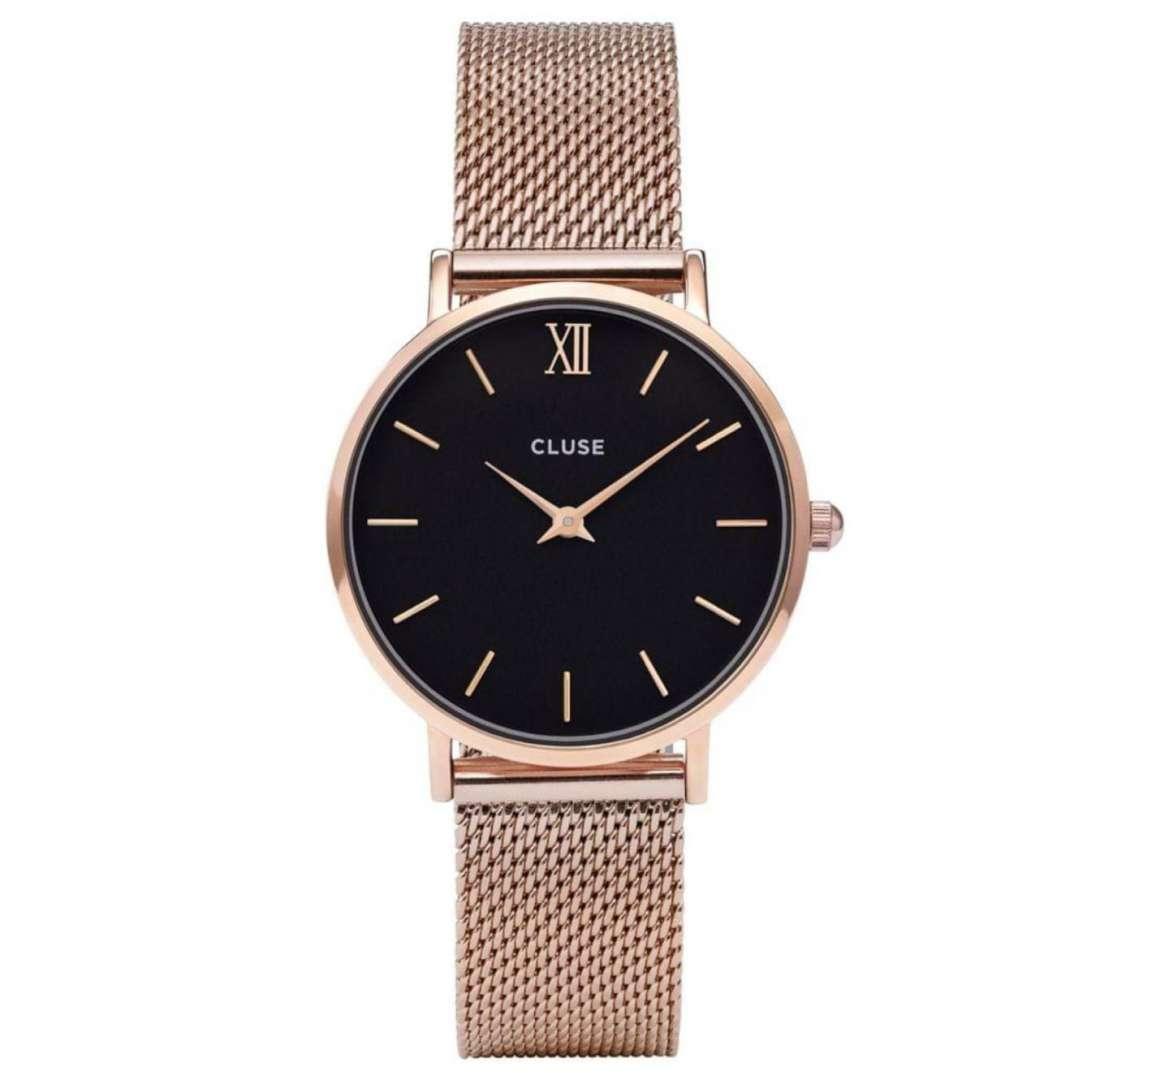 שעון יד אנלוגי cluse cl30016 קלוז